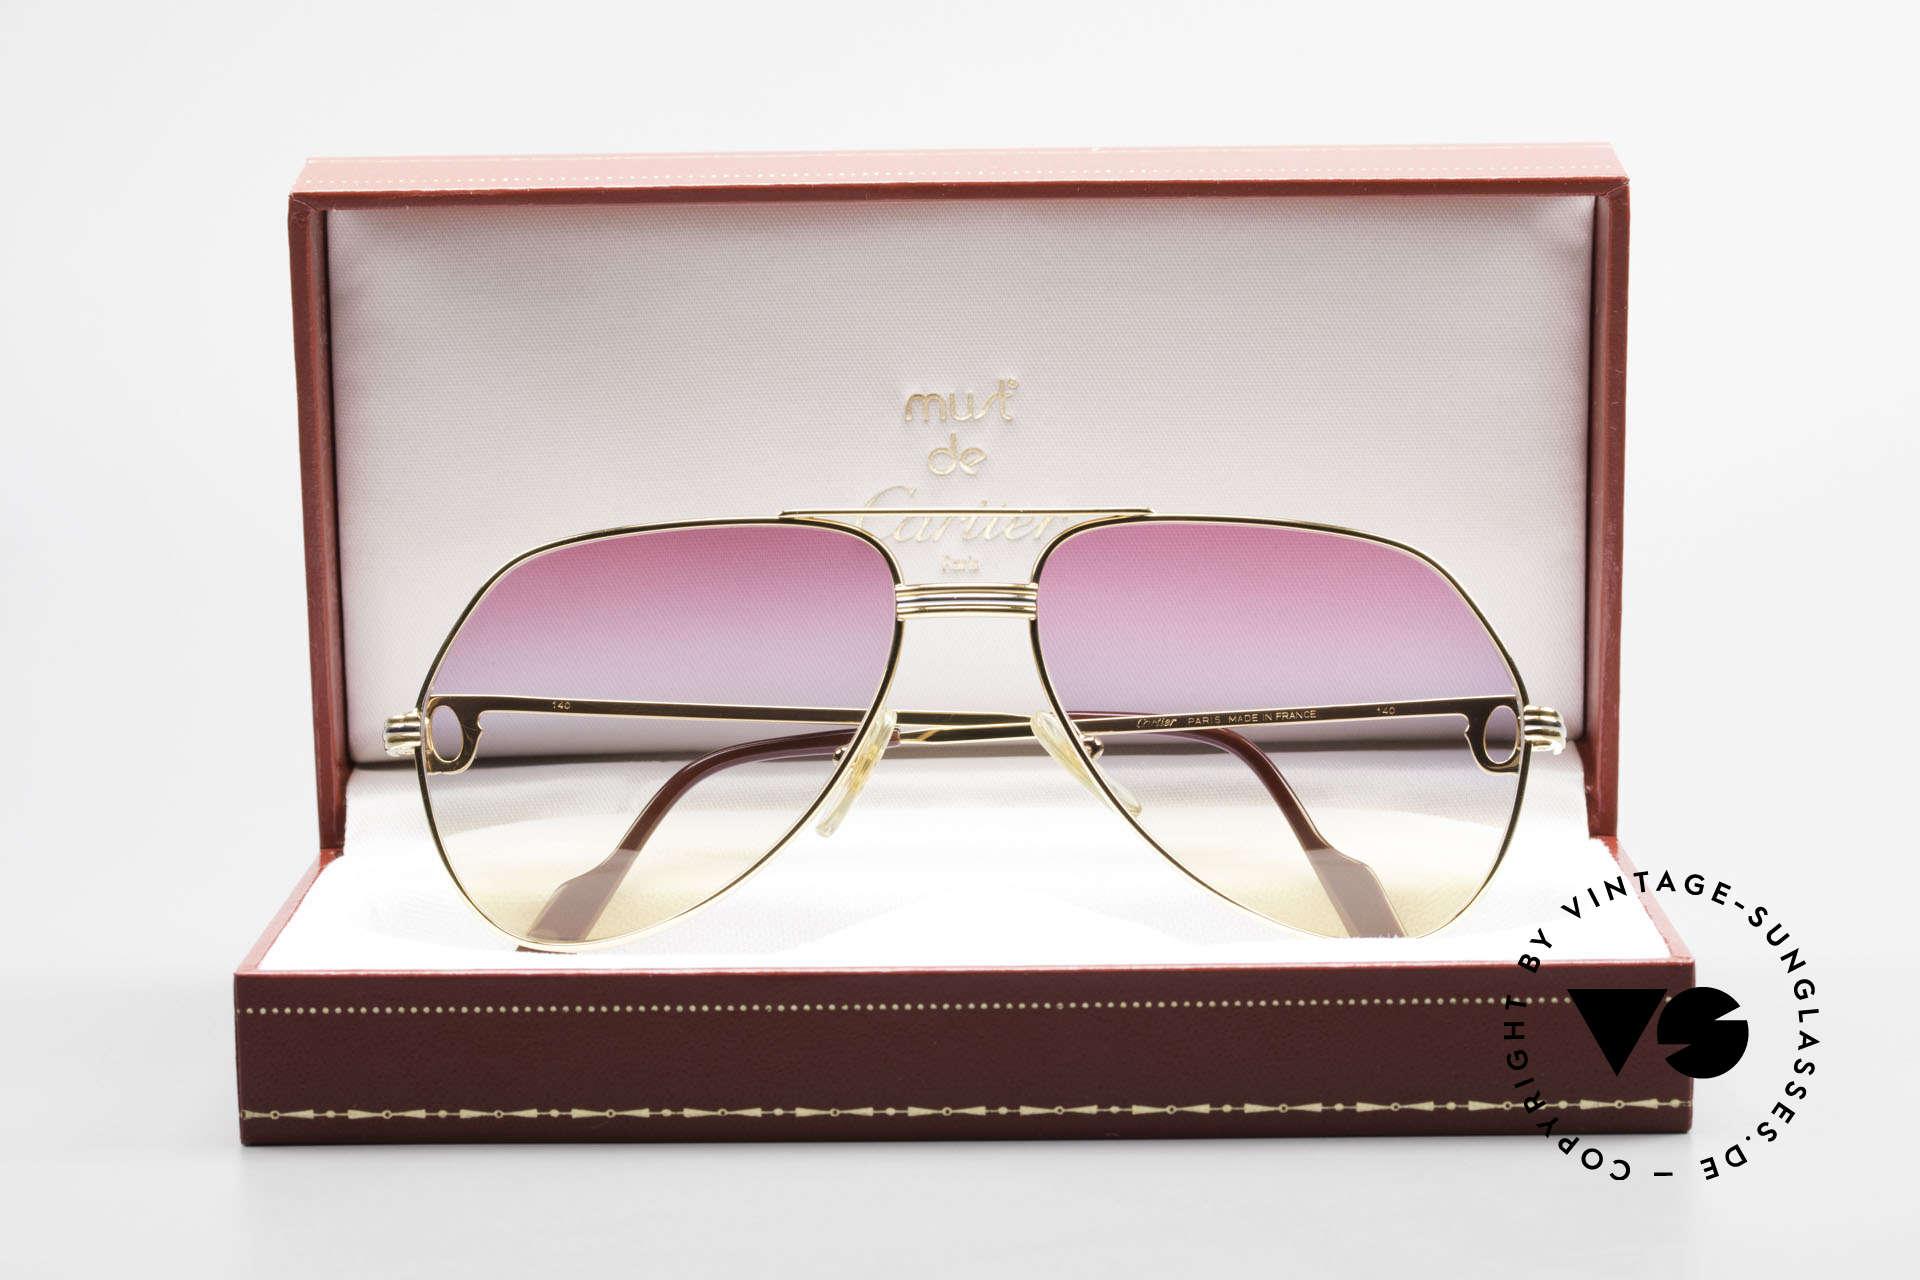 Cartier Vendome LC - M 80er 90er Aviator Sonnenbrille, Größe: medium, Passend für Herren und Damen